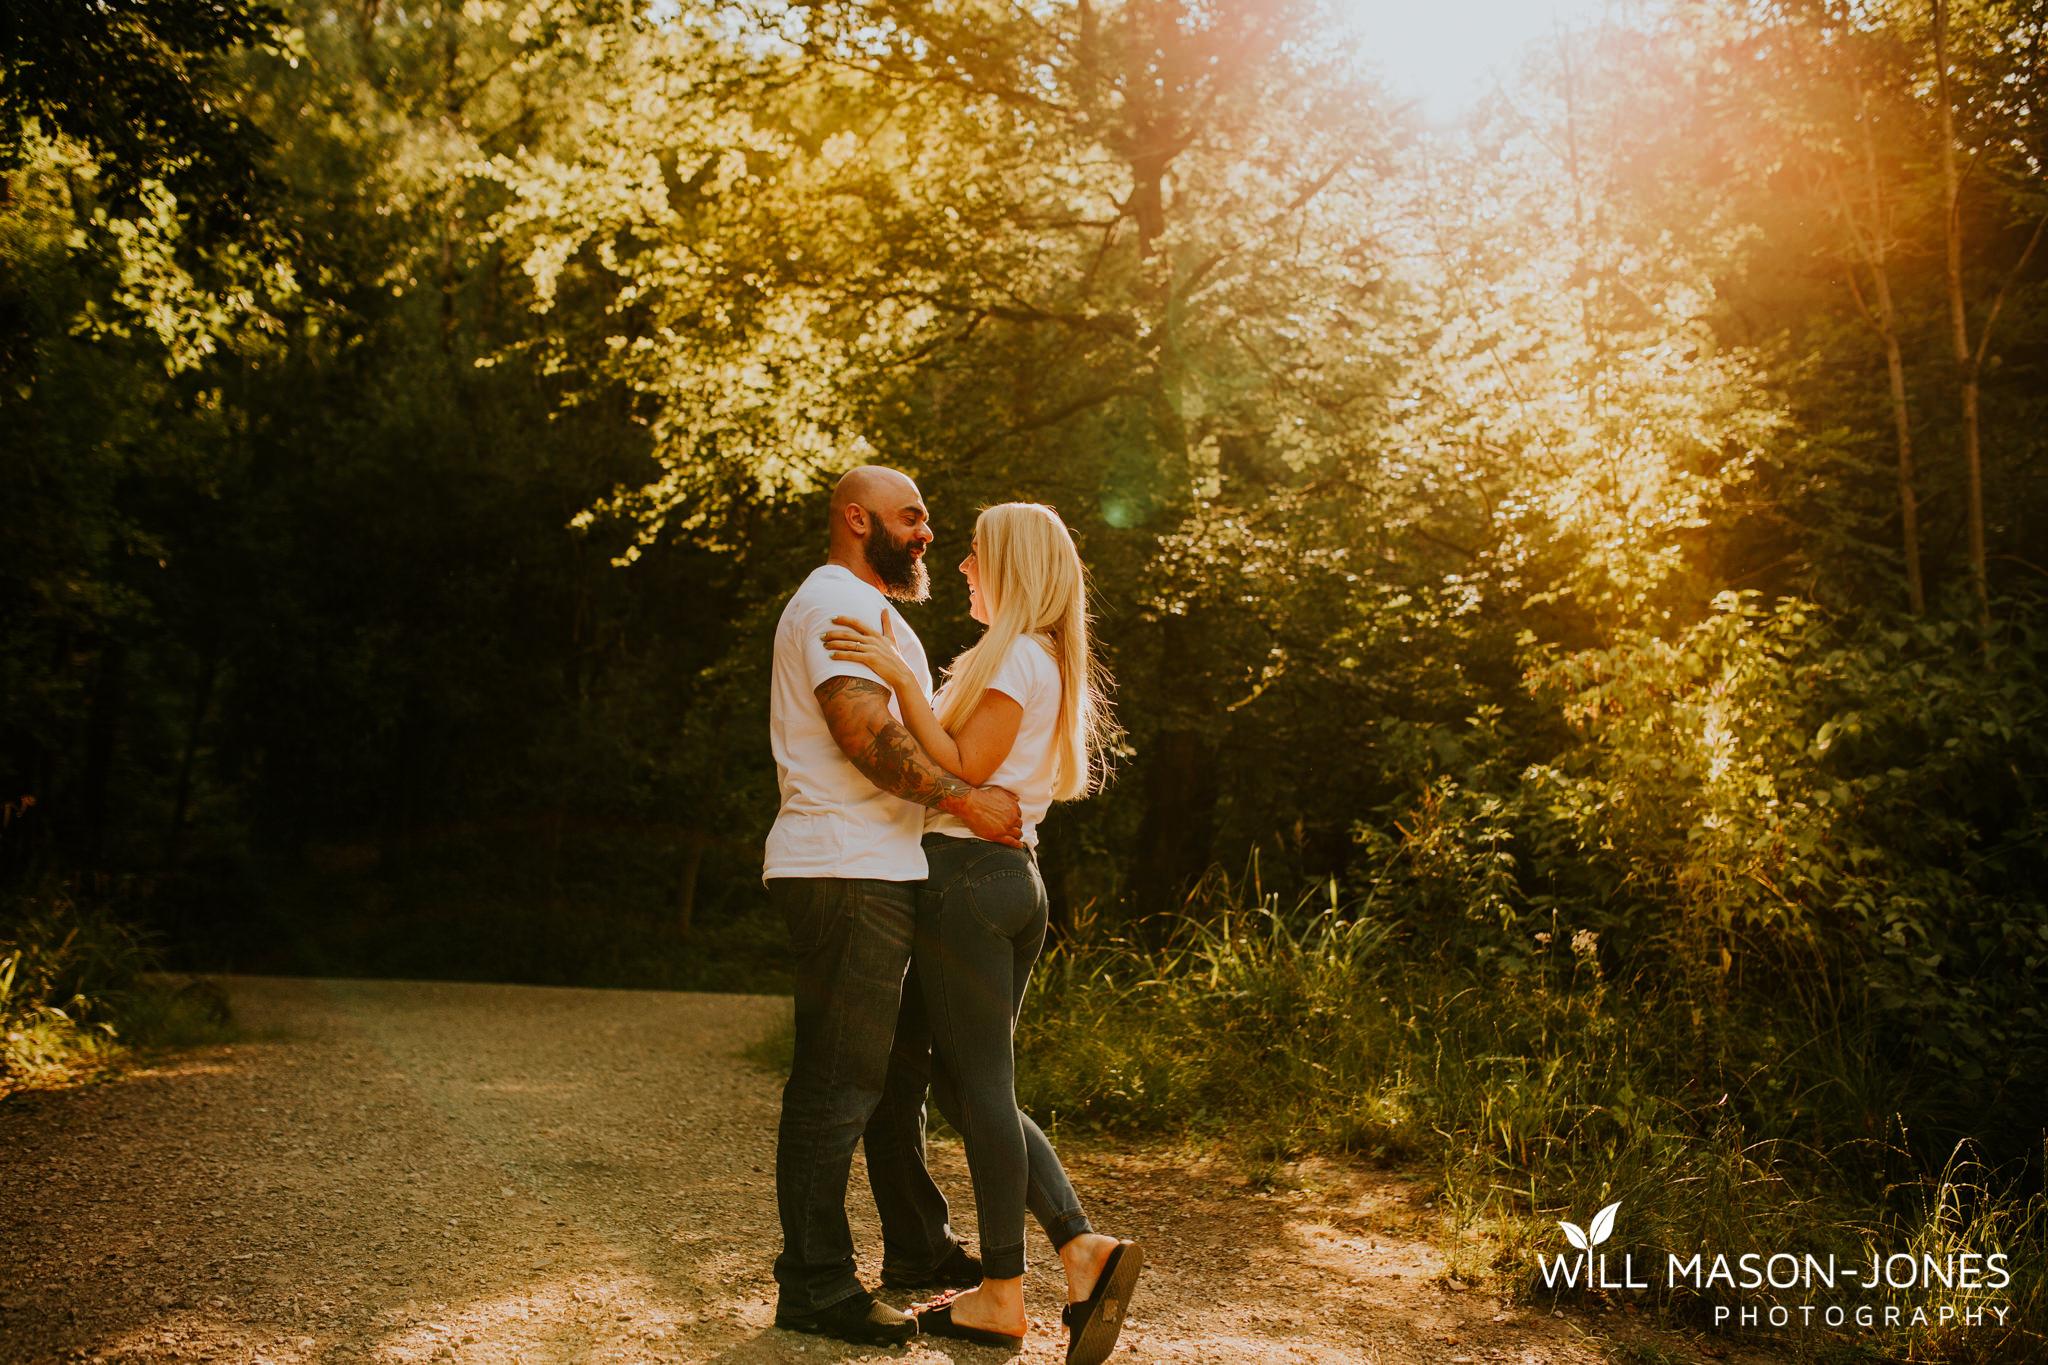 penllegaer-woods-couple-engagement-photographer-swansea-49.jpg